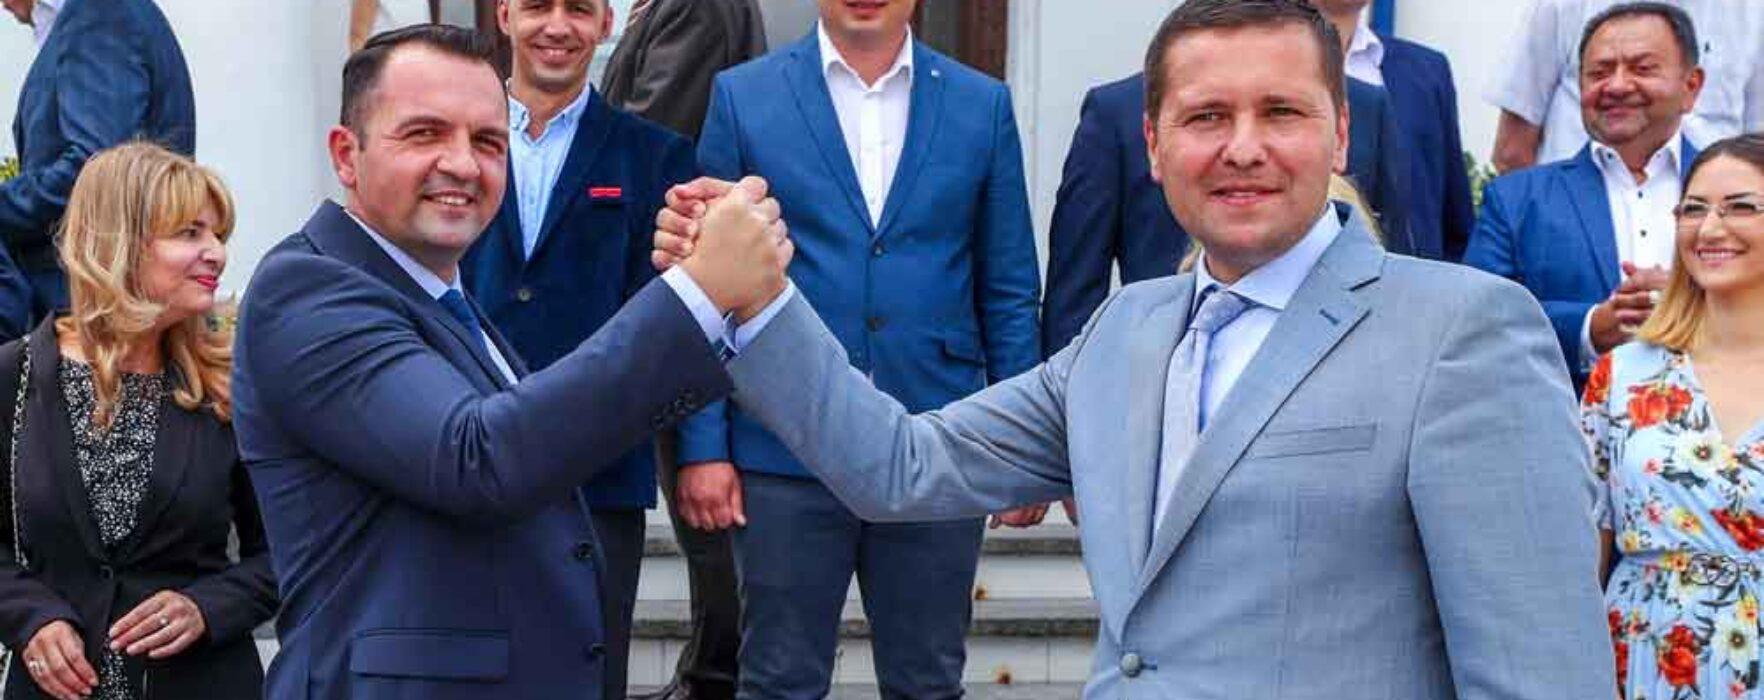 Locale2020 Cristian Stan, candidat PSD Primăria Târgovişte: Fac echipă cu Corneliu Ştefan, candidat la CJ Dâmboviţa